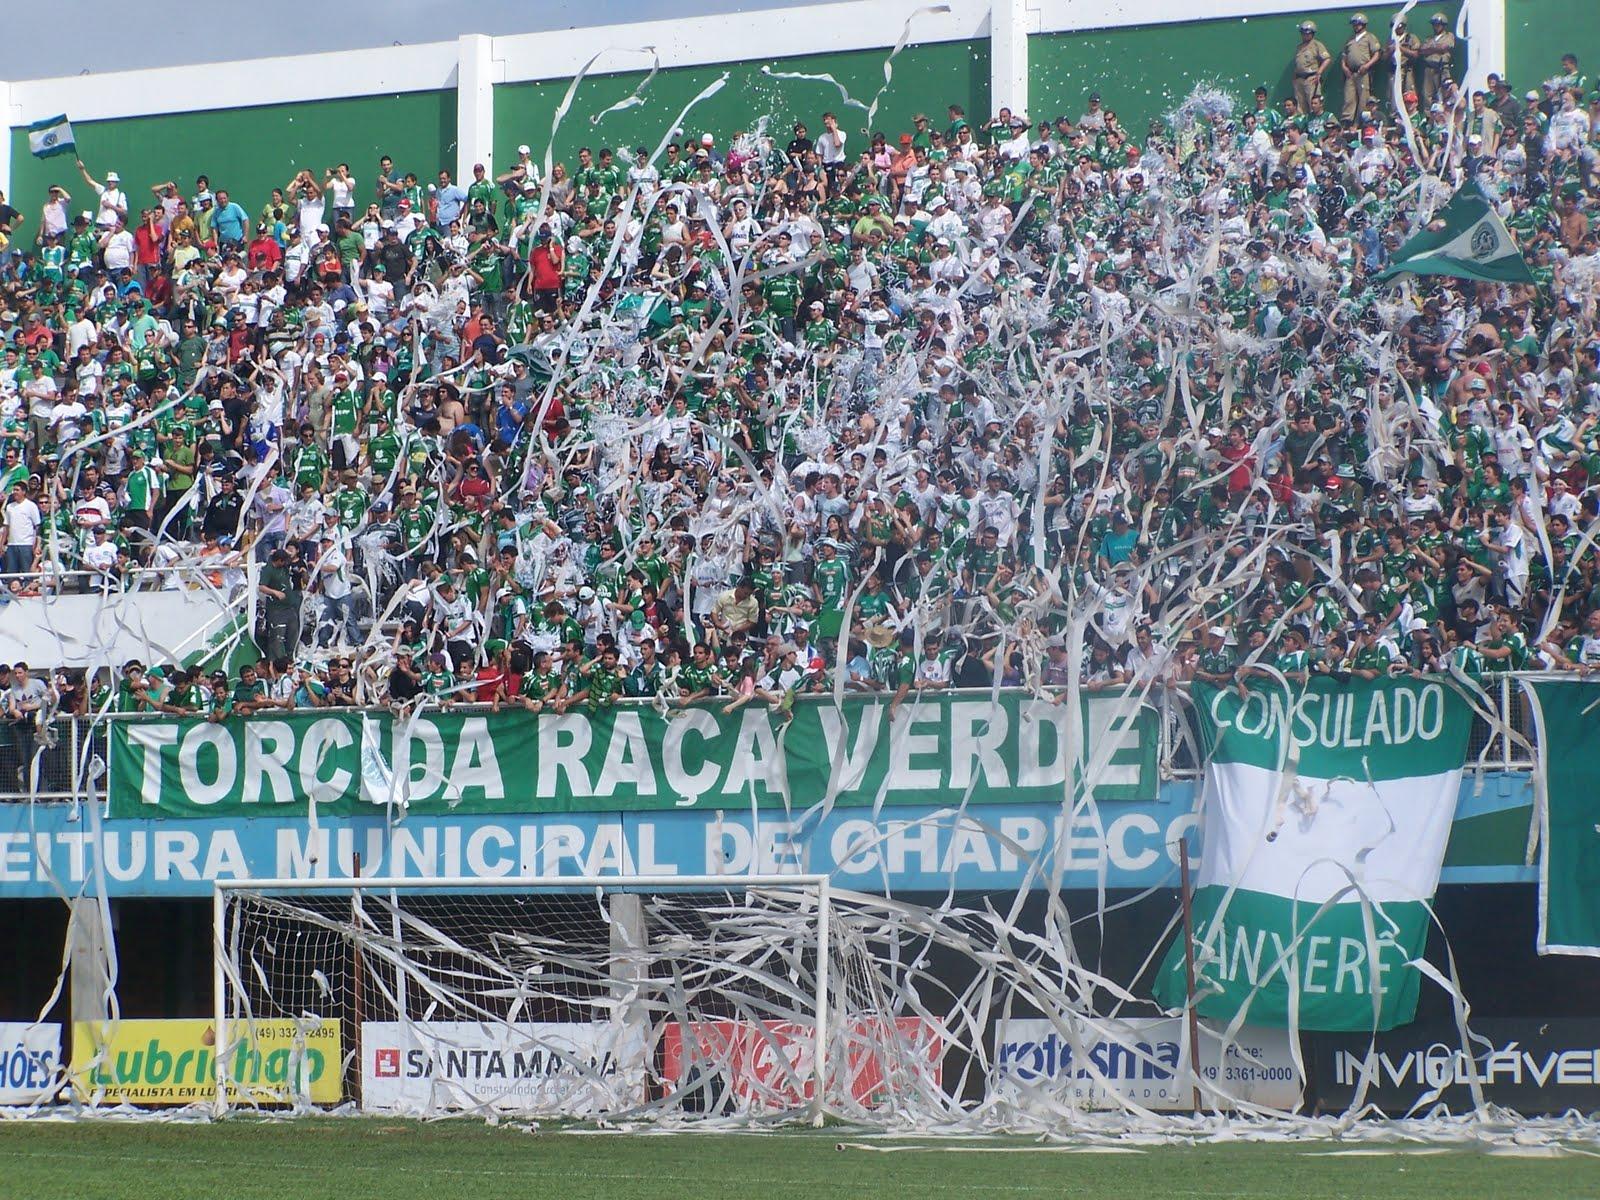 Chapecoense-Union La Calera martedì 19 febbraio